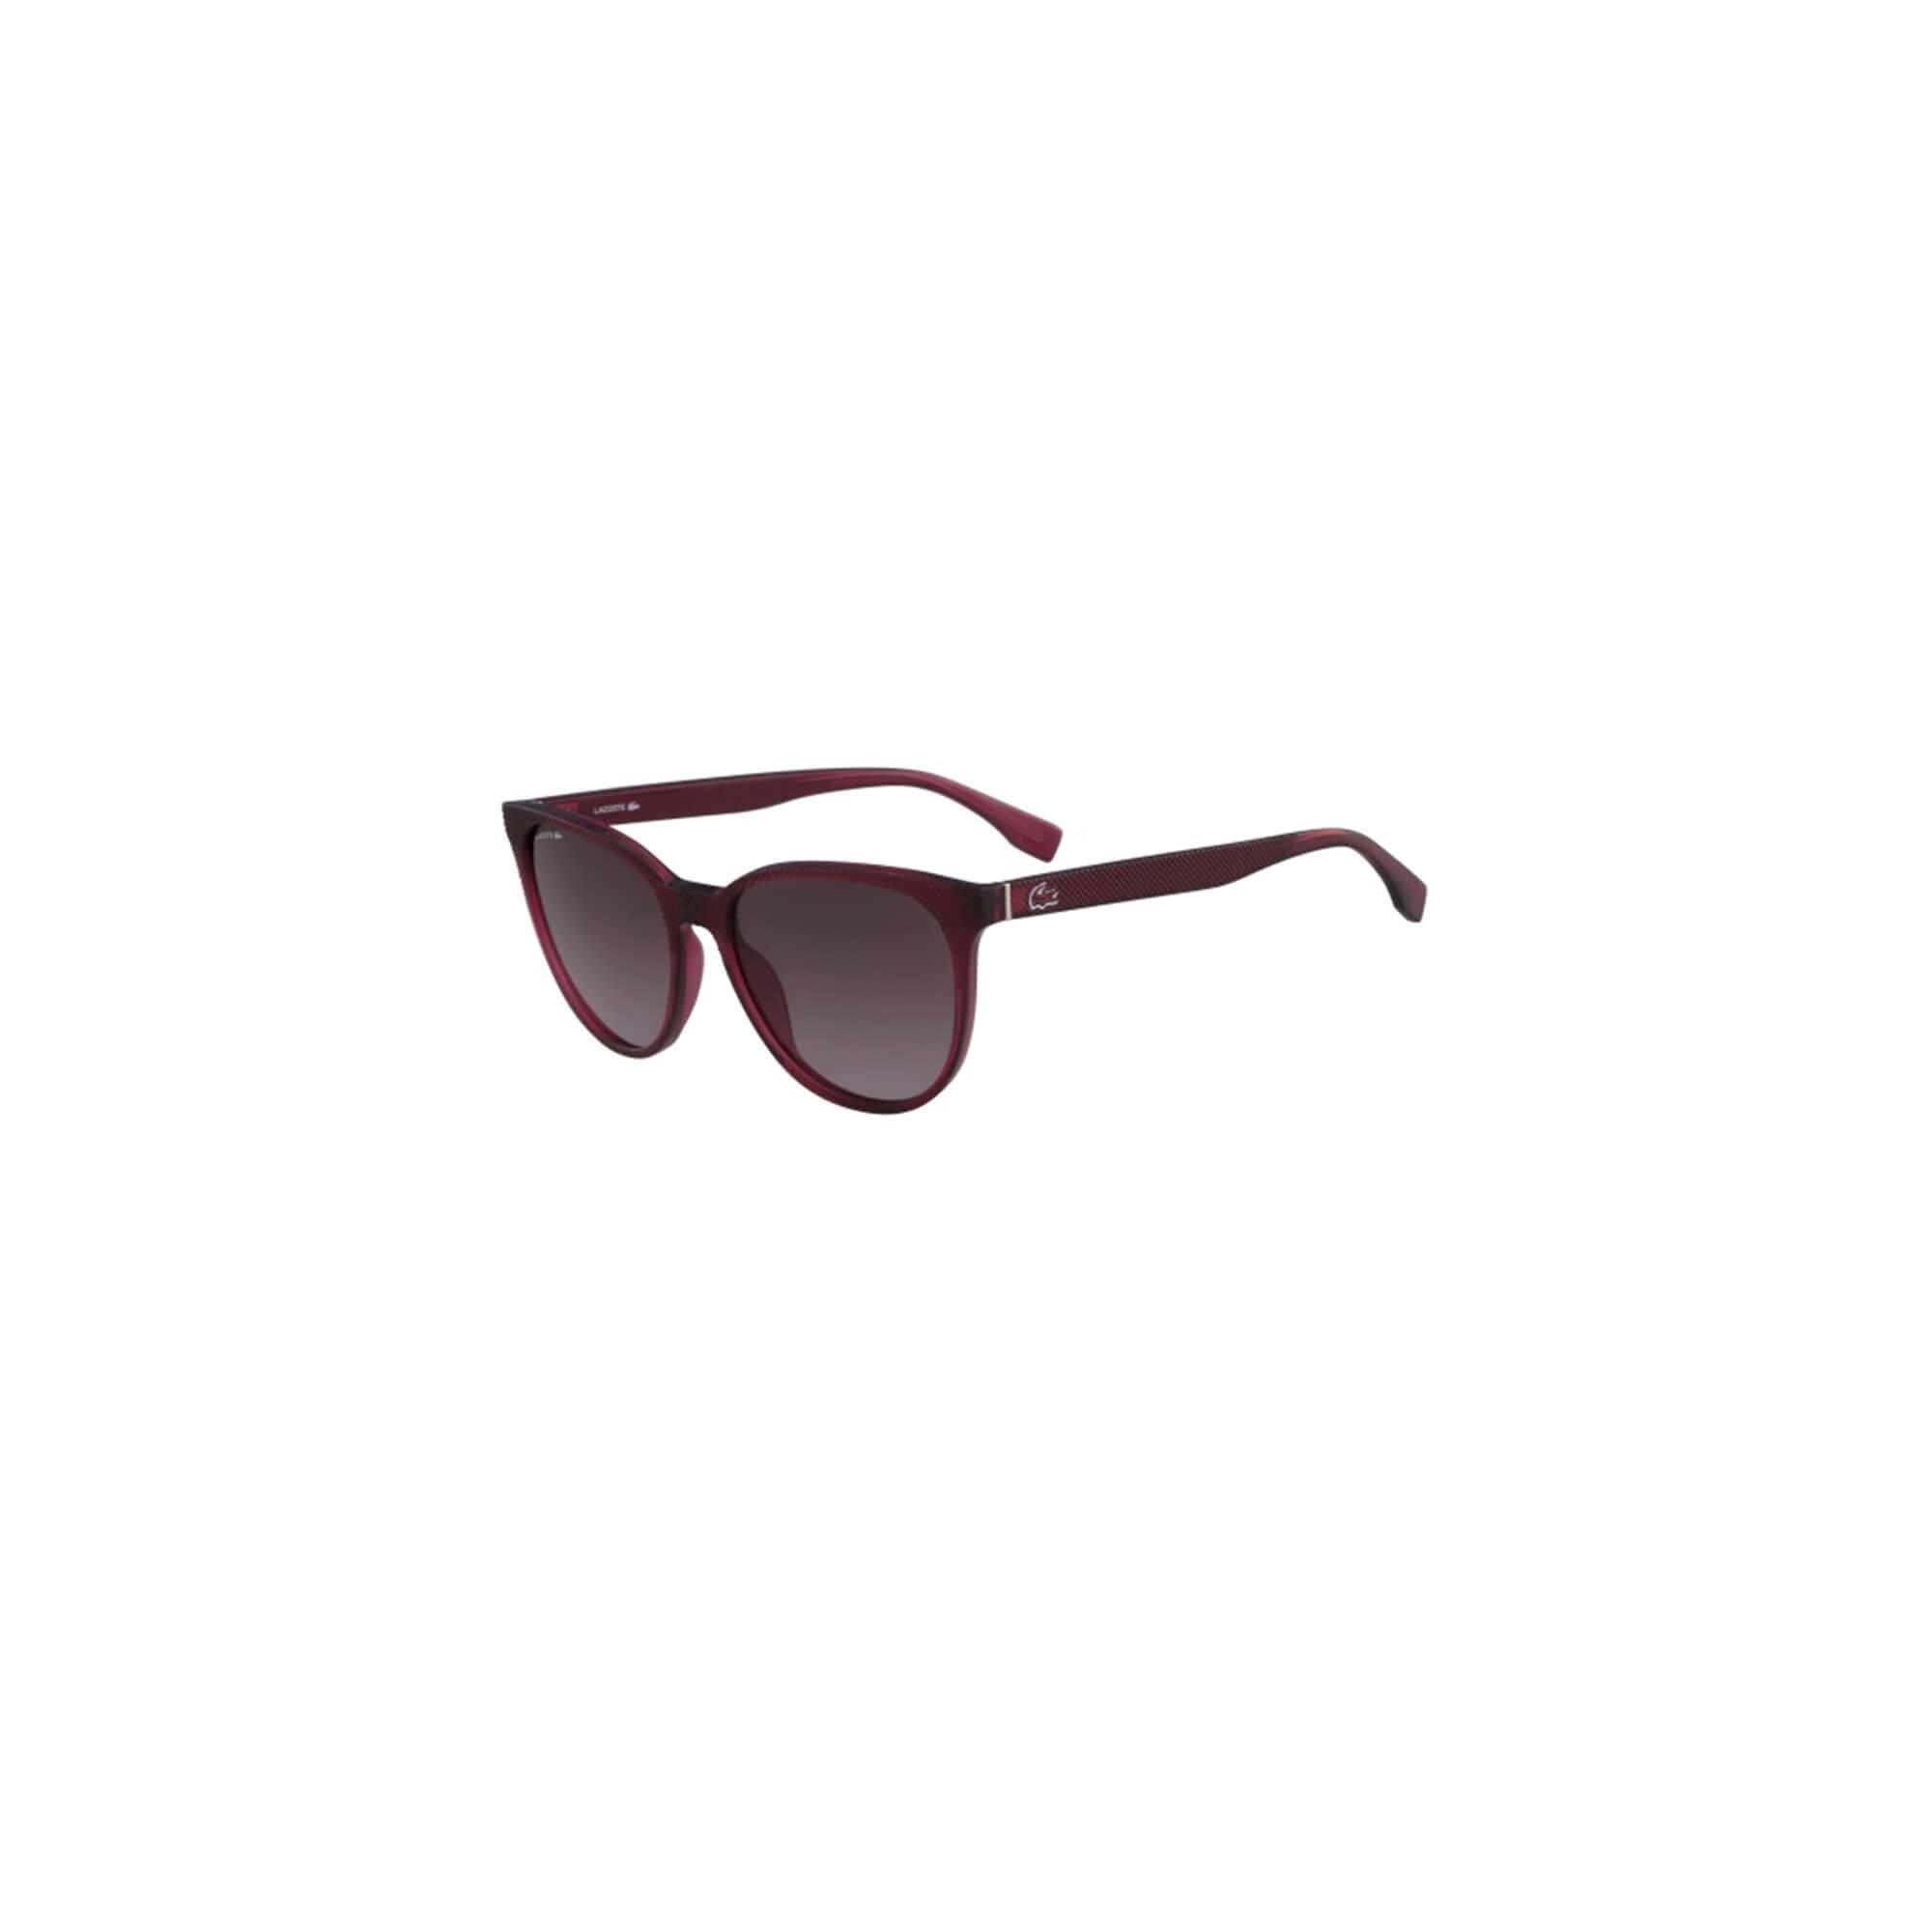 Lacoste Unisex Bordo Güneş Gözlüğü